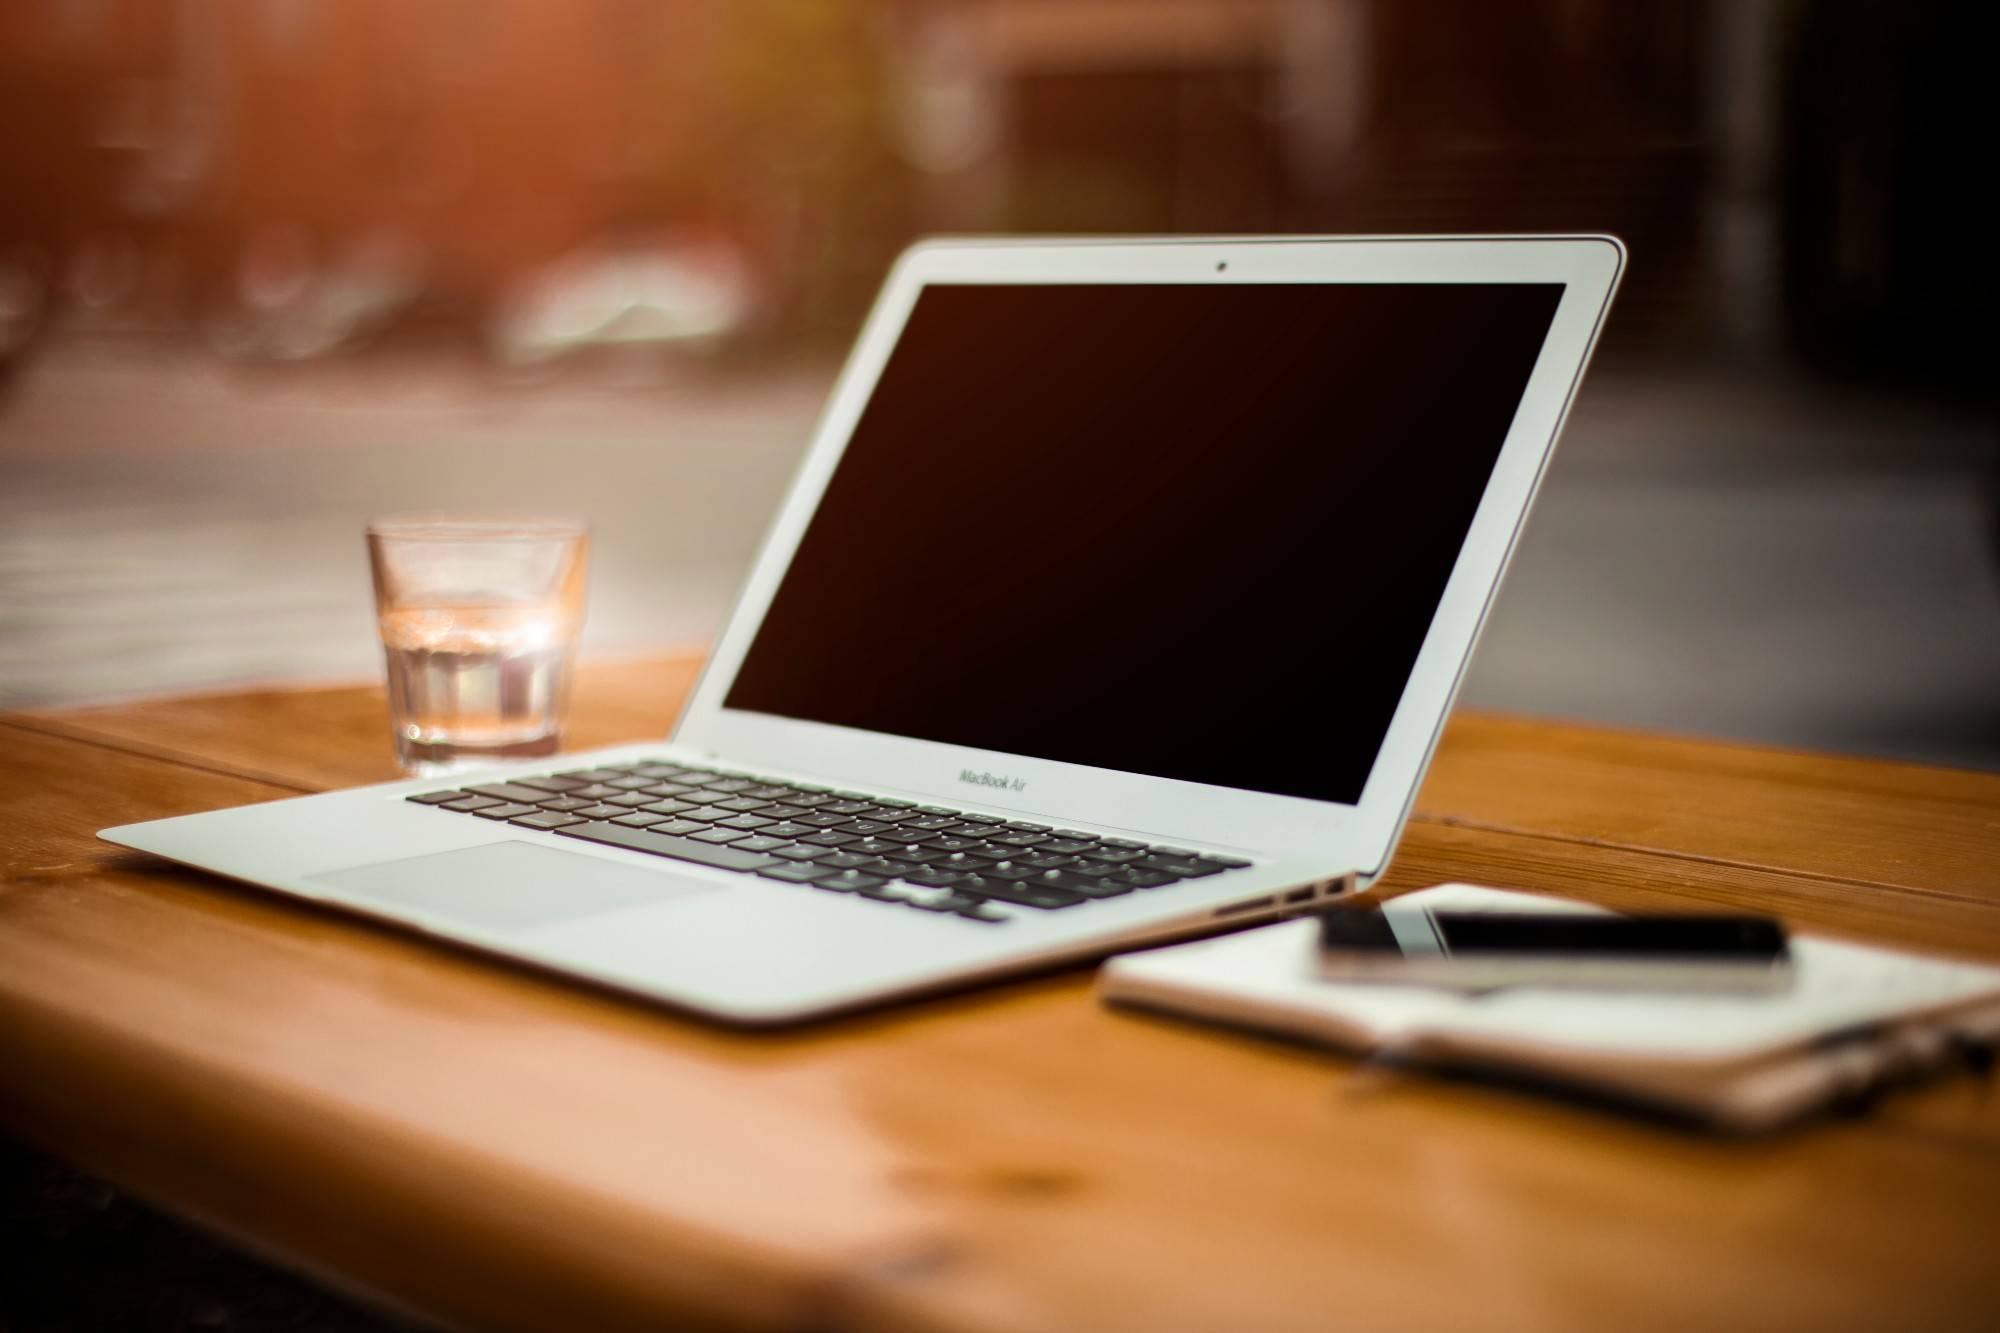 设计制作所有页面,开发网站后台程序,数据库等功能,与前台网页结合